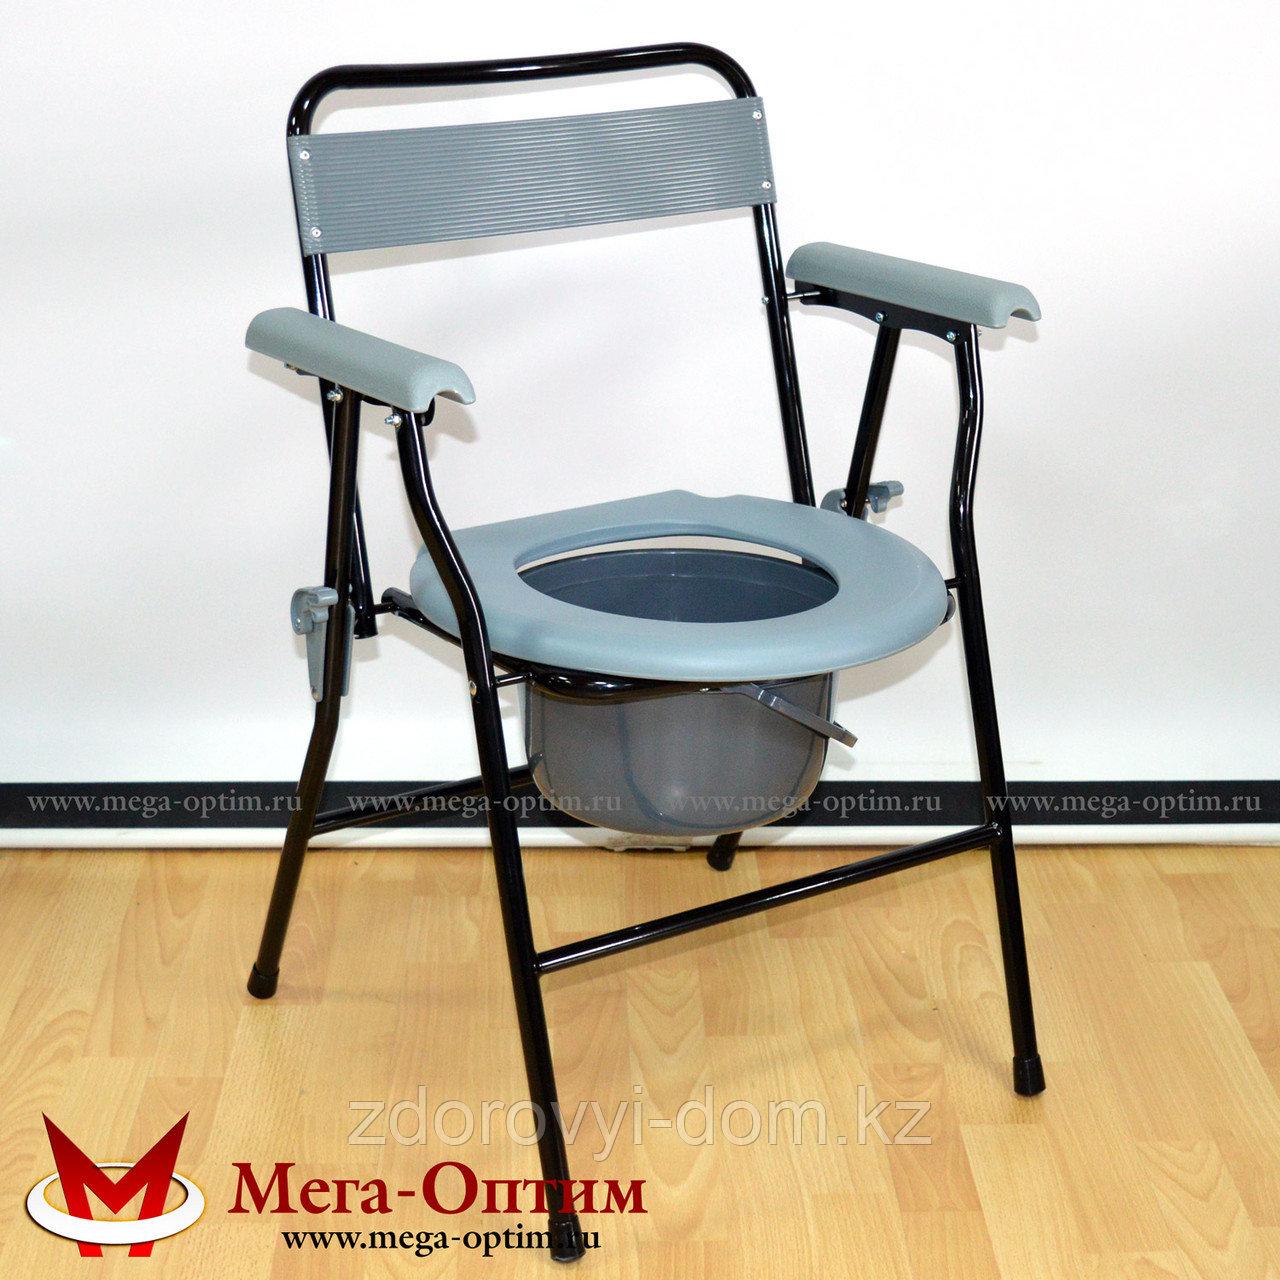 Кресло-стул с санитарным оснащением